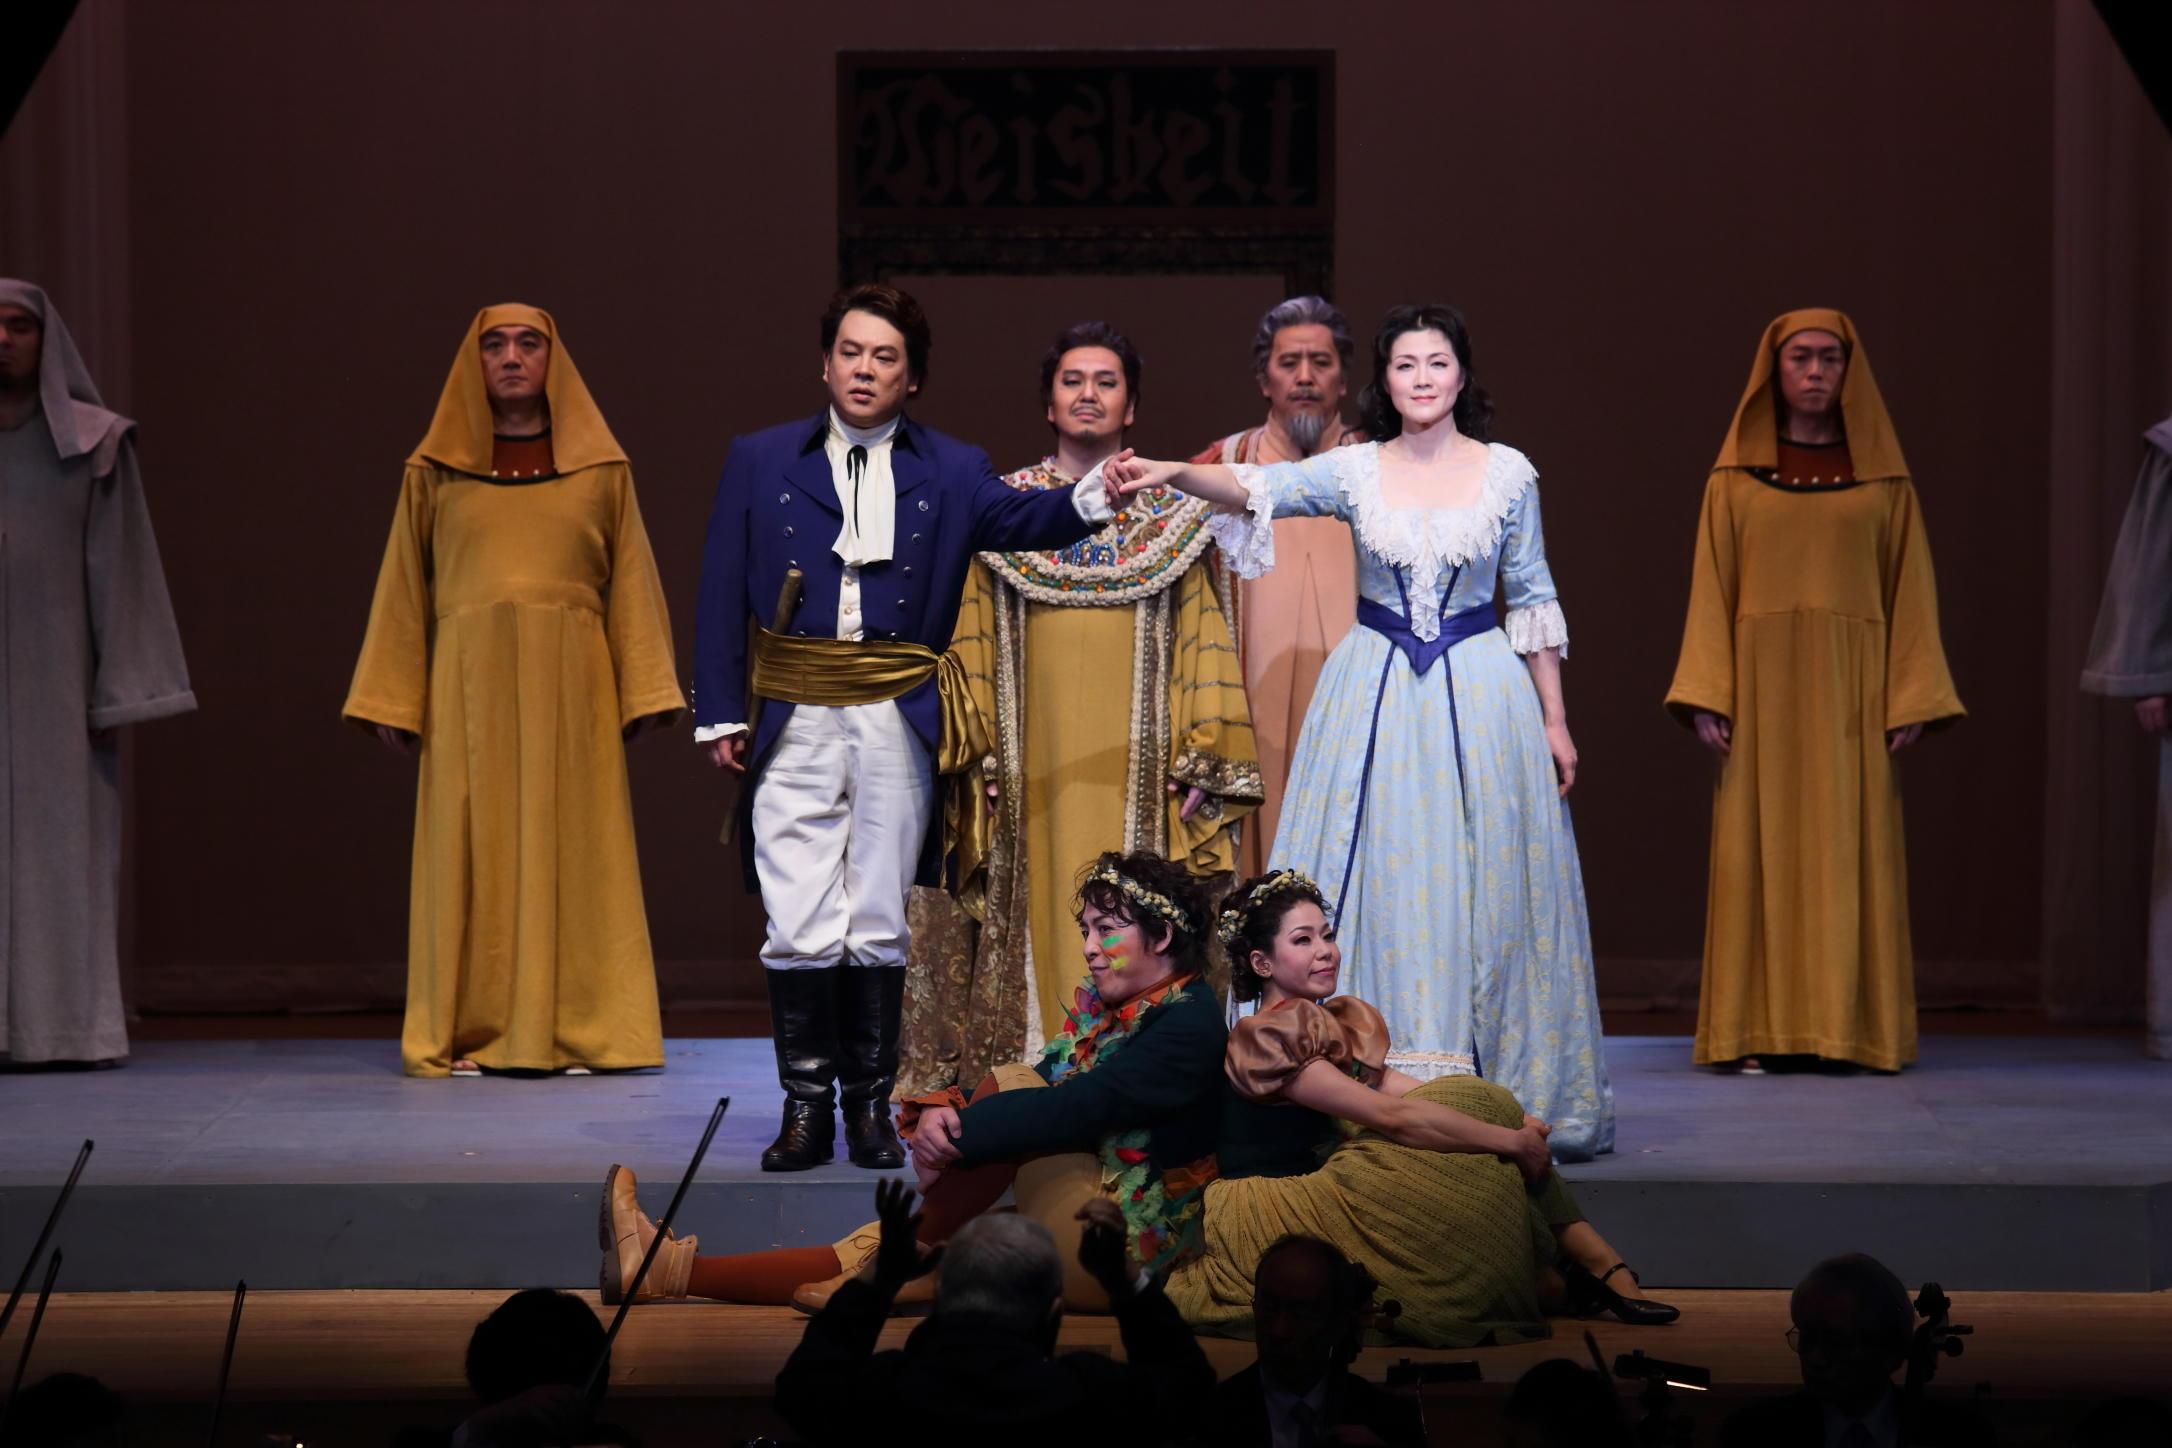 聖徳大学が10月26日に第16回オペラ公演『魔笛』を上演 -- 国内外で活躍する同大の教員陣と音楽学部の学生が共演